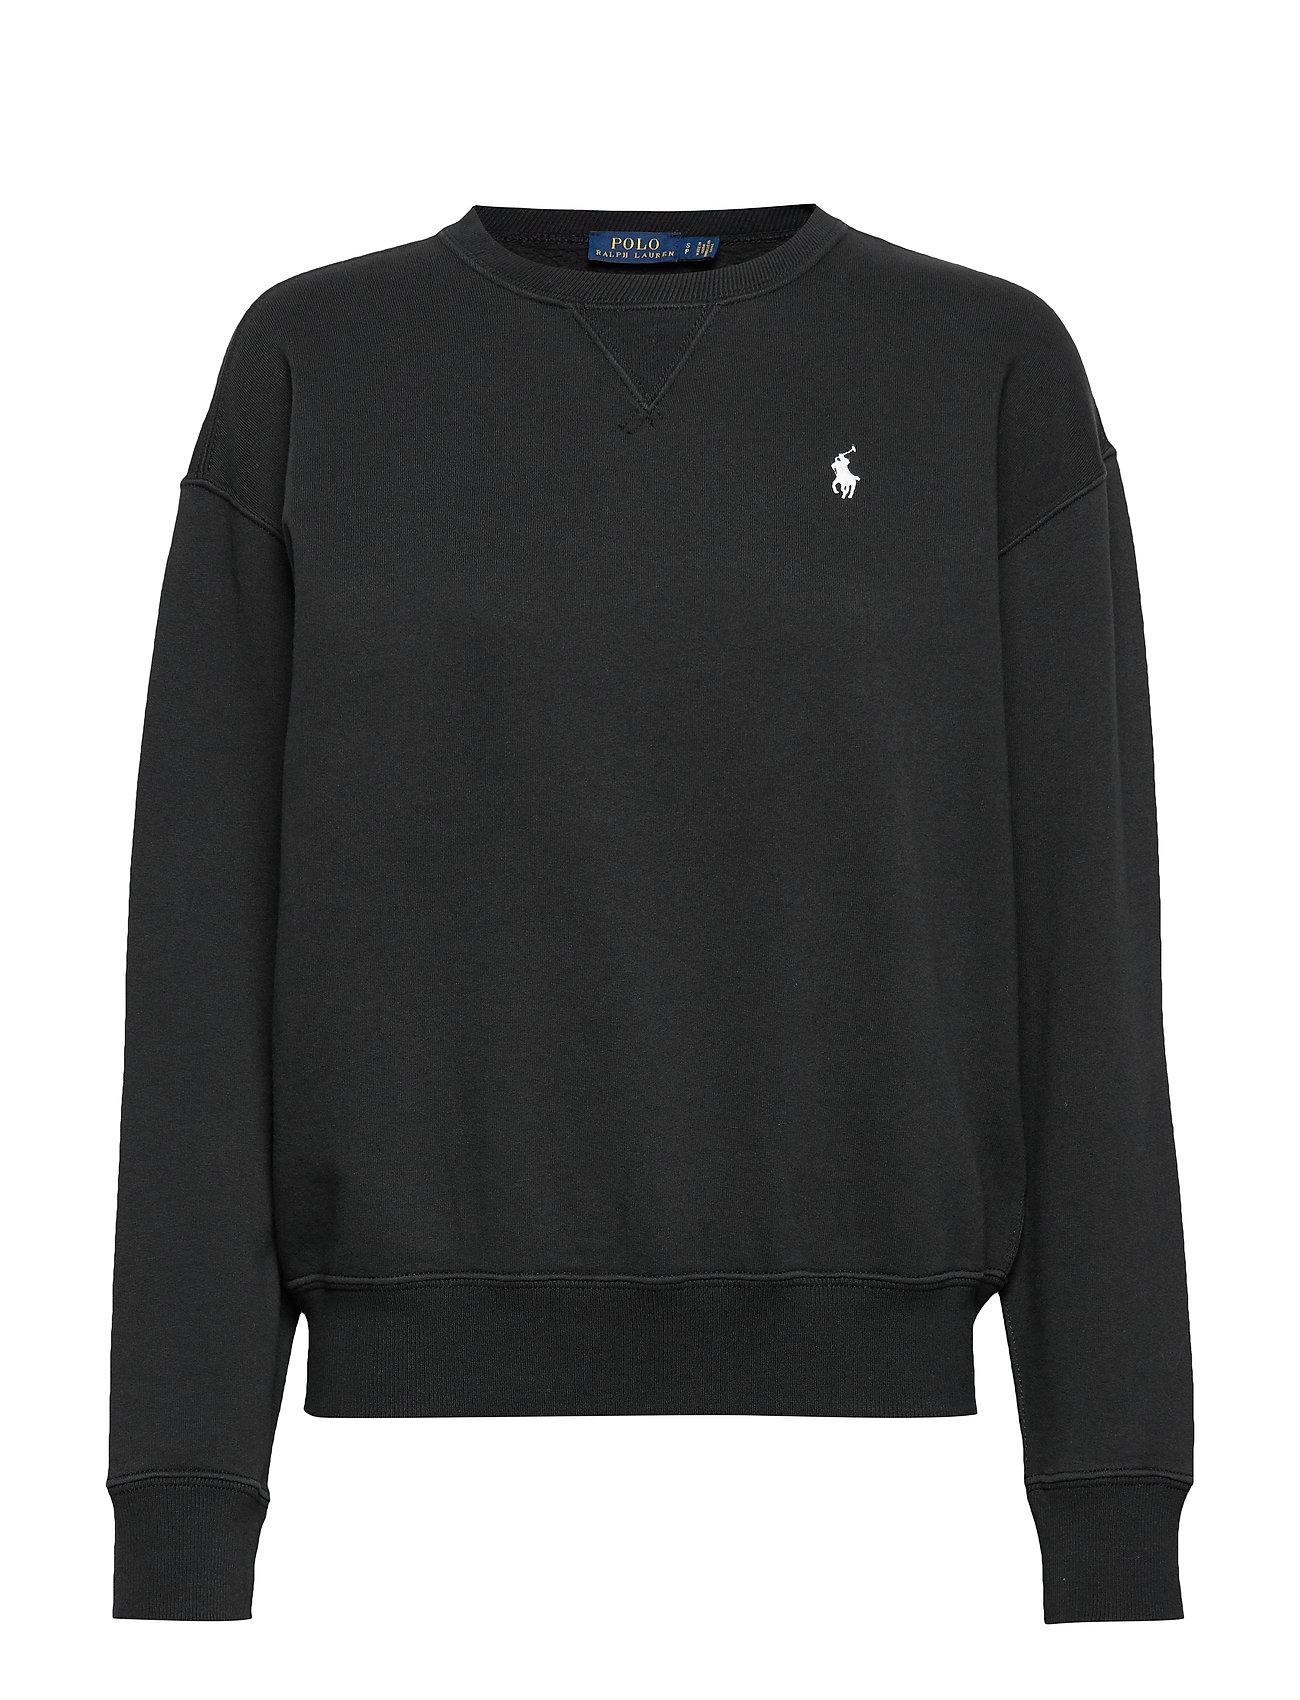 Polo Ralph Lauren Fleece Pullover - POLO BLACK